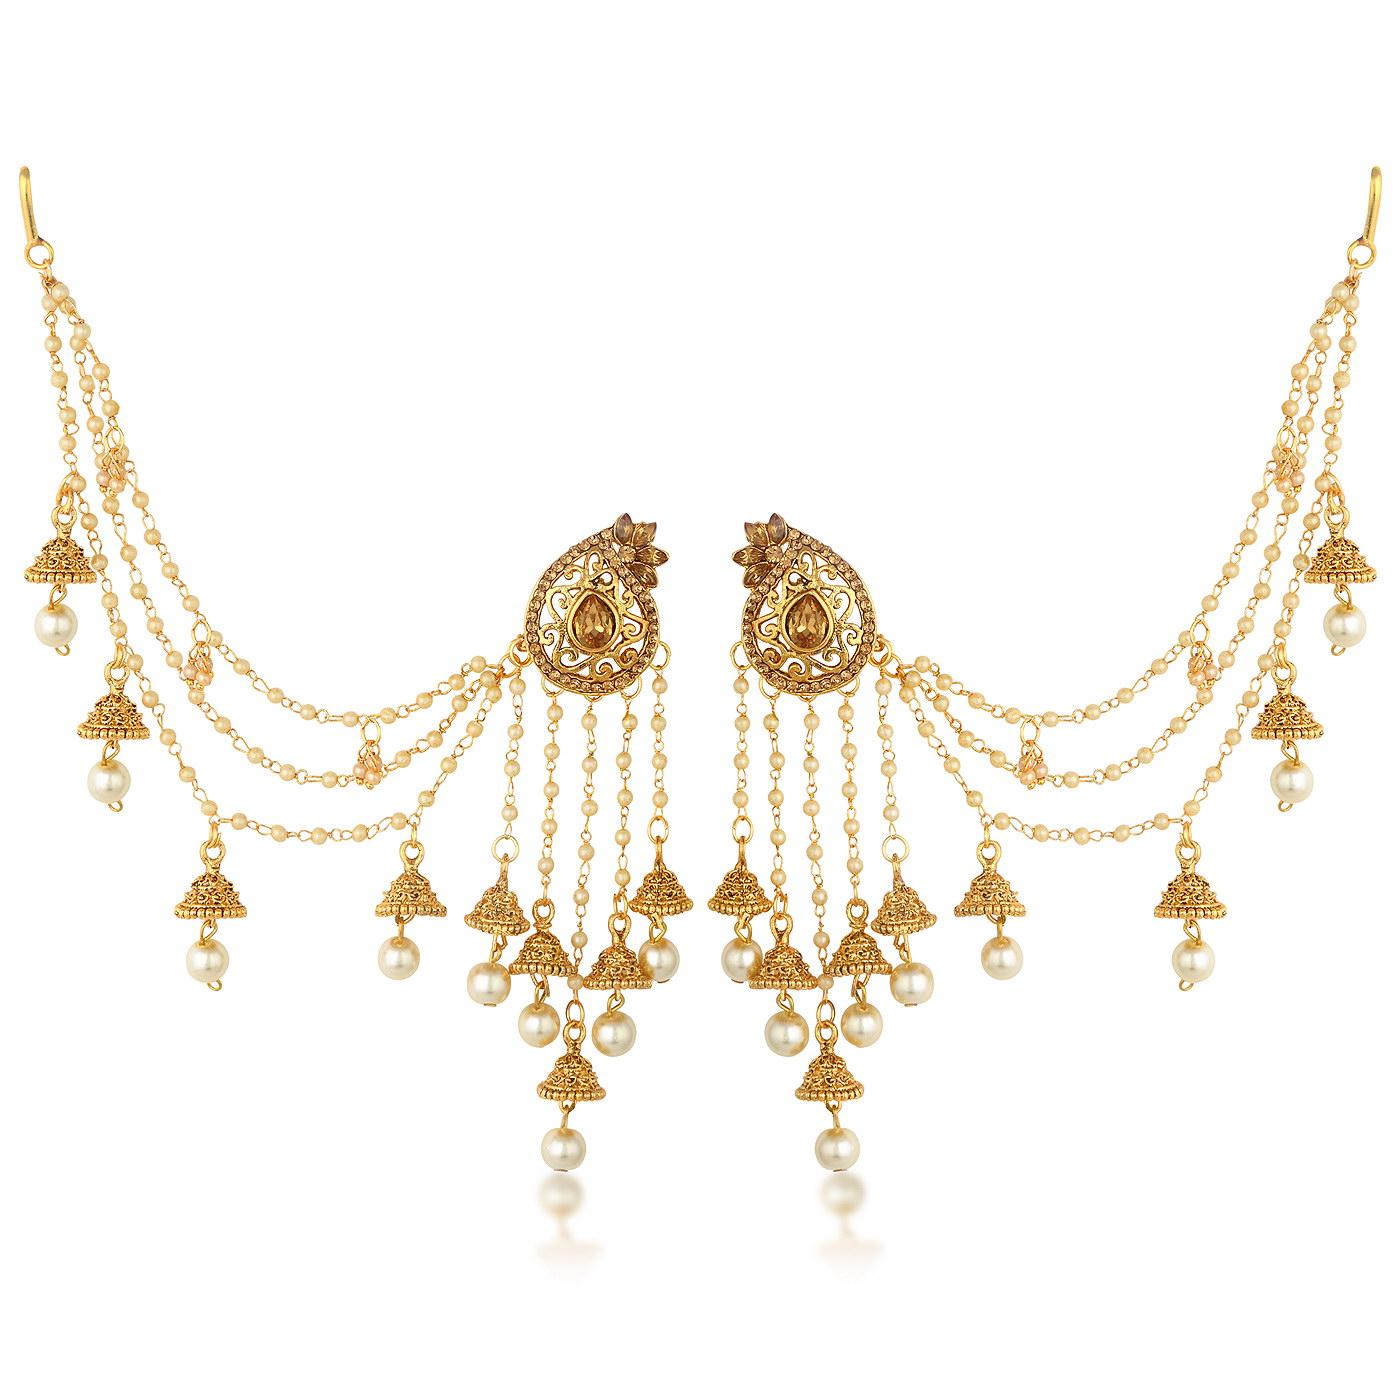 SUKKHI   Sukkhi Elegant Gold Plated Bahubali Inspired Long Chain Jhumki Earrings For Women